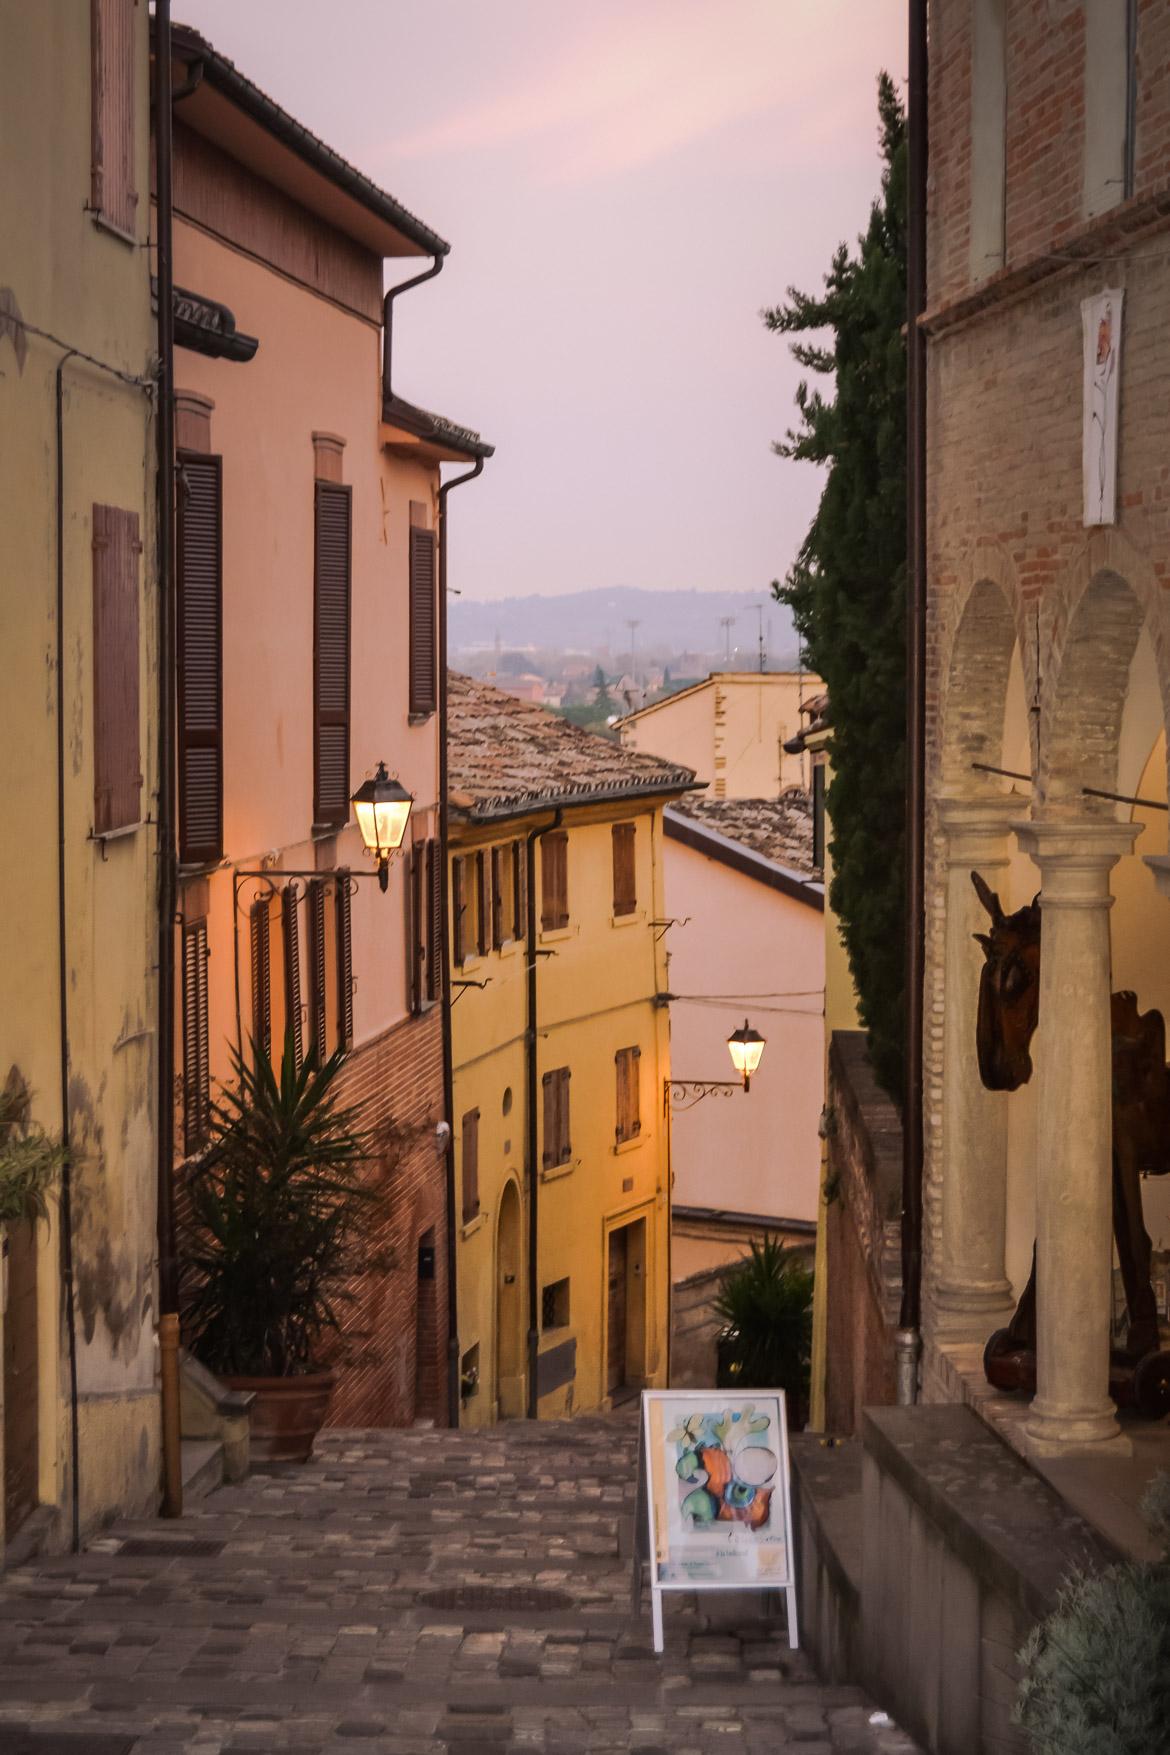 Vicolo Crepuscolo Santarcangelo di Romagna - In Viaggio Con Monica